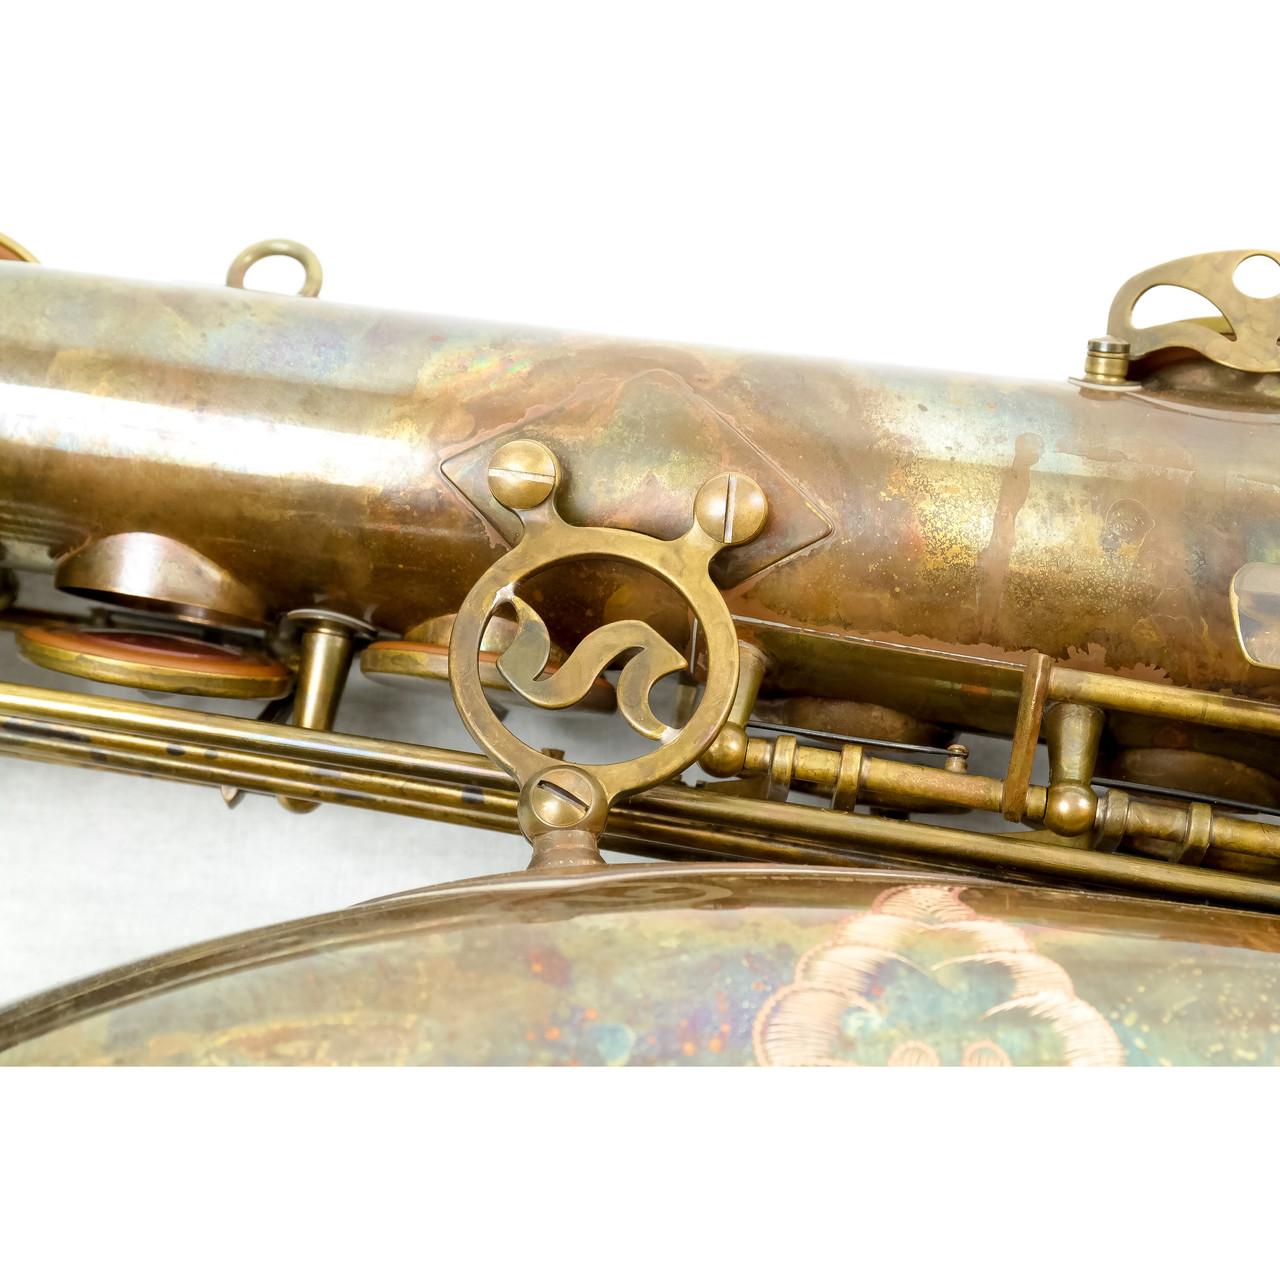 conn selmer 380 tenor sax 8